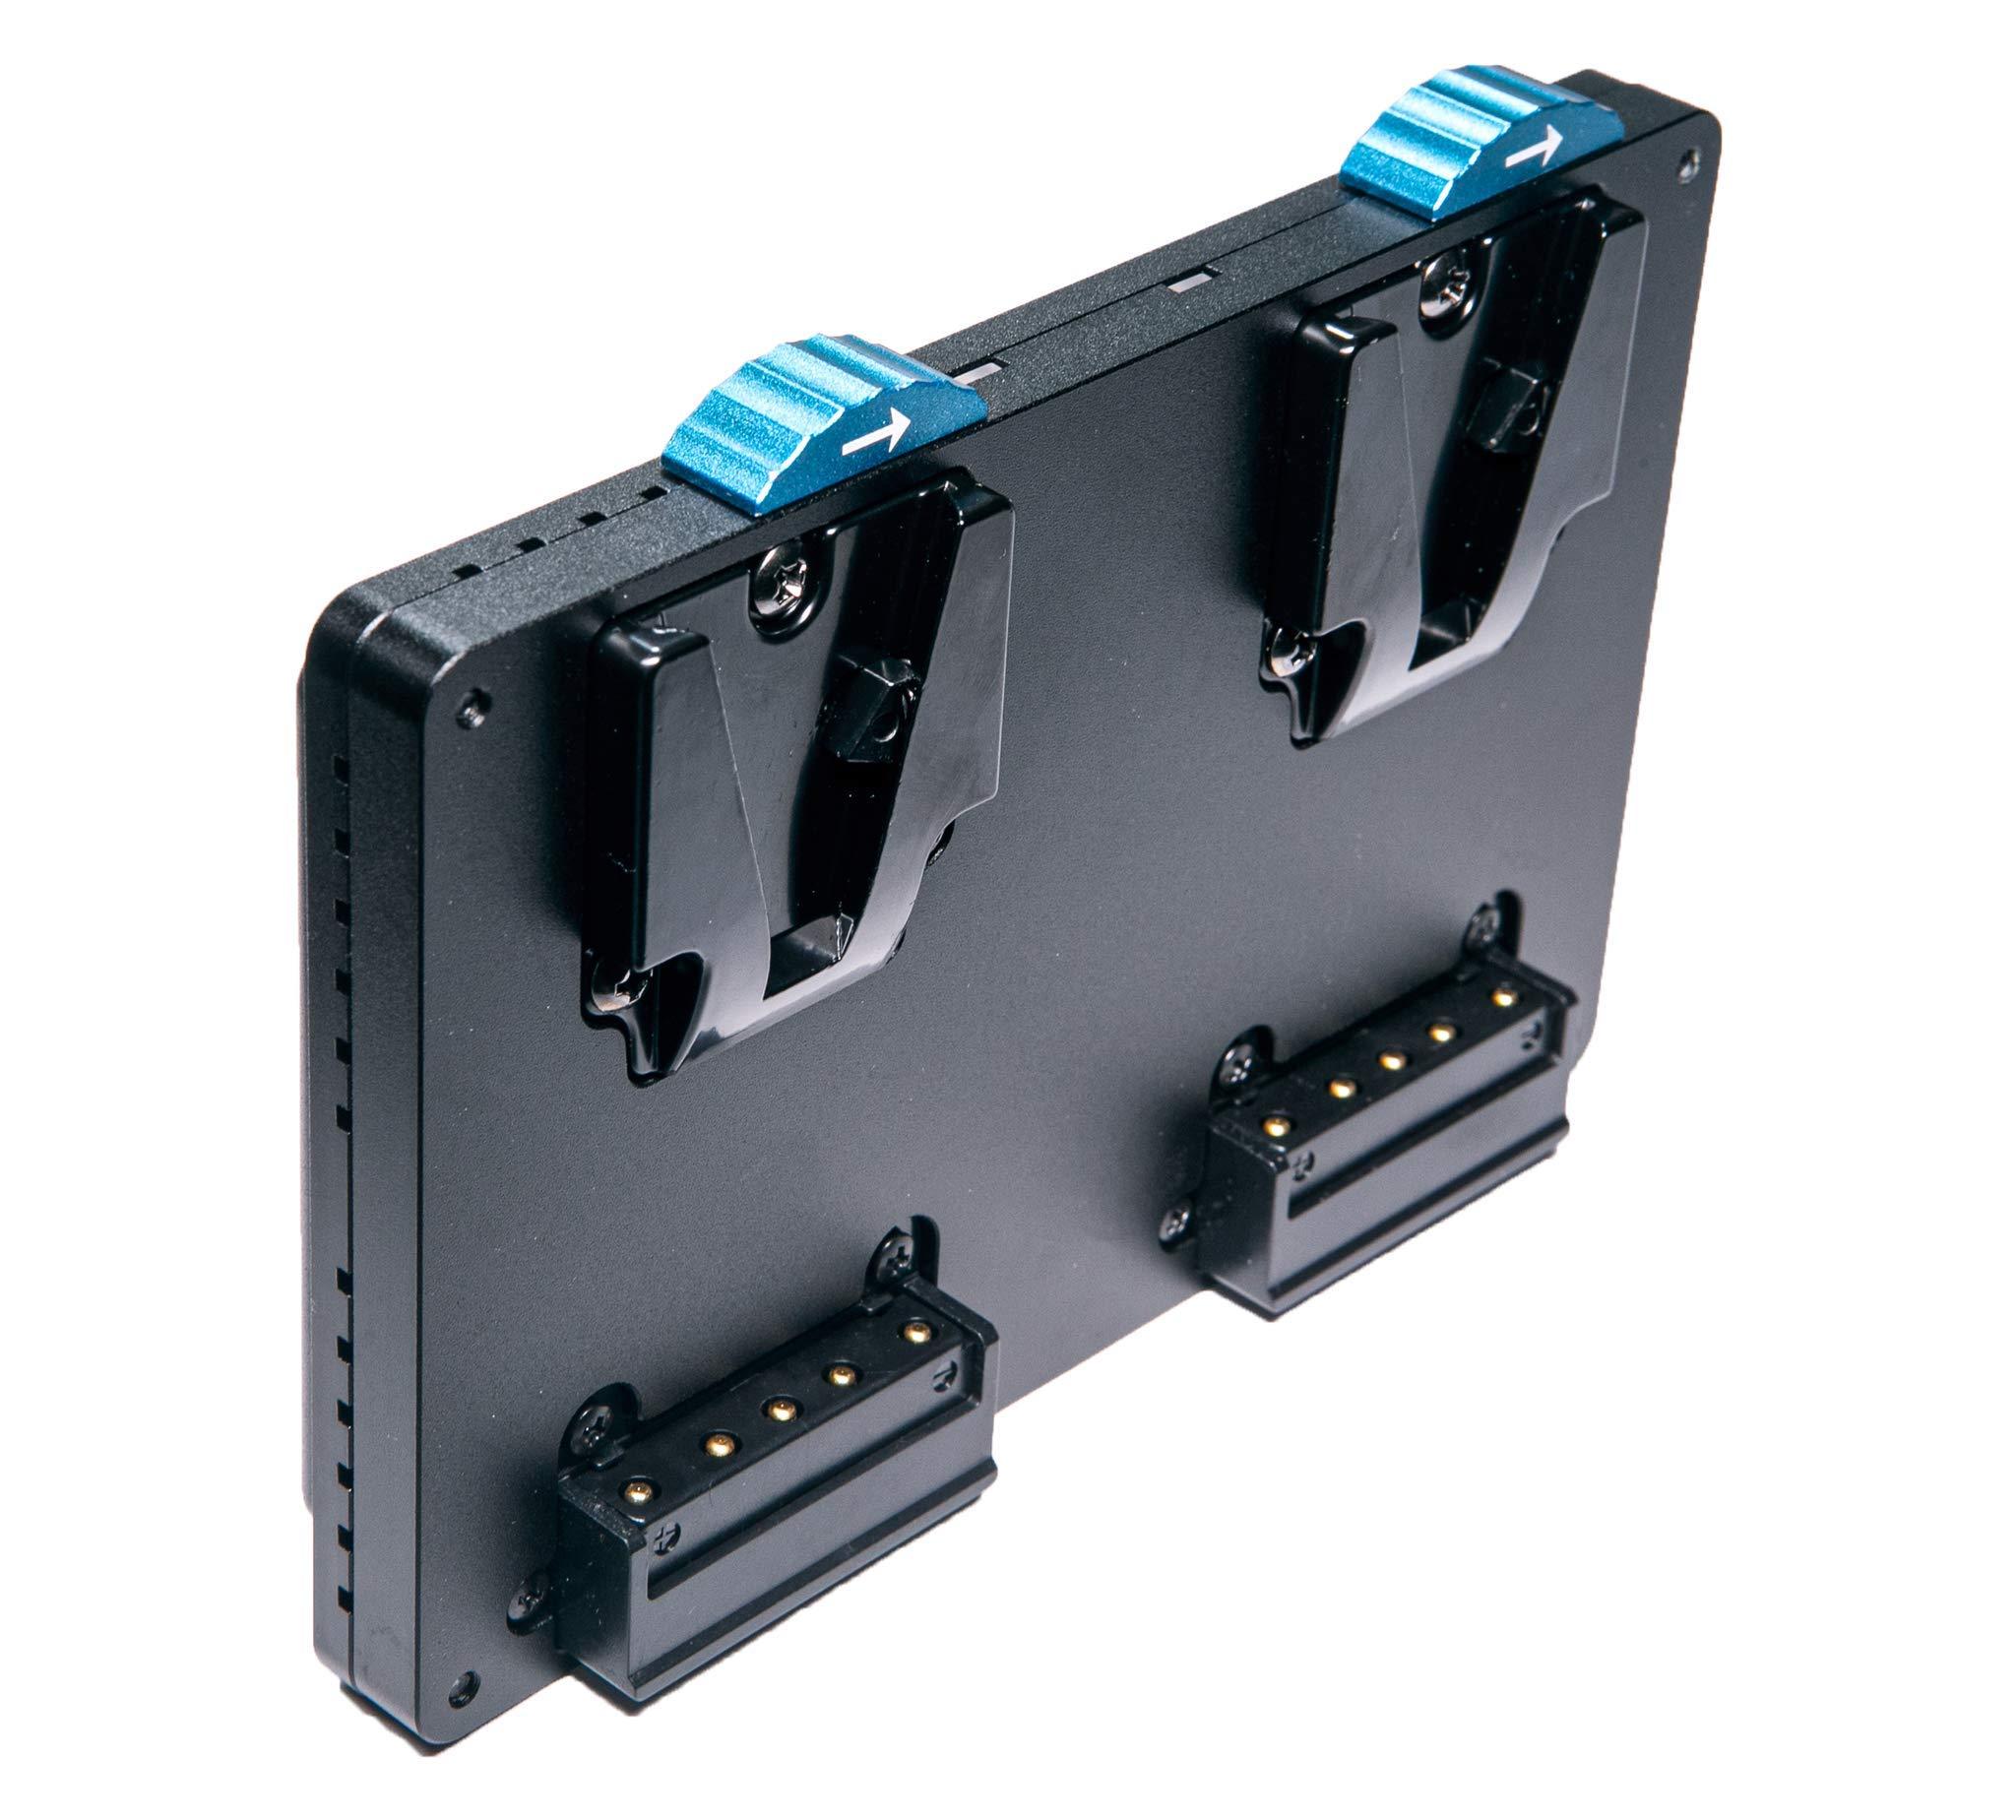 Intellytech Pocket-V Dual Battery Plate - V-Mount to V-Mount by Intellytech